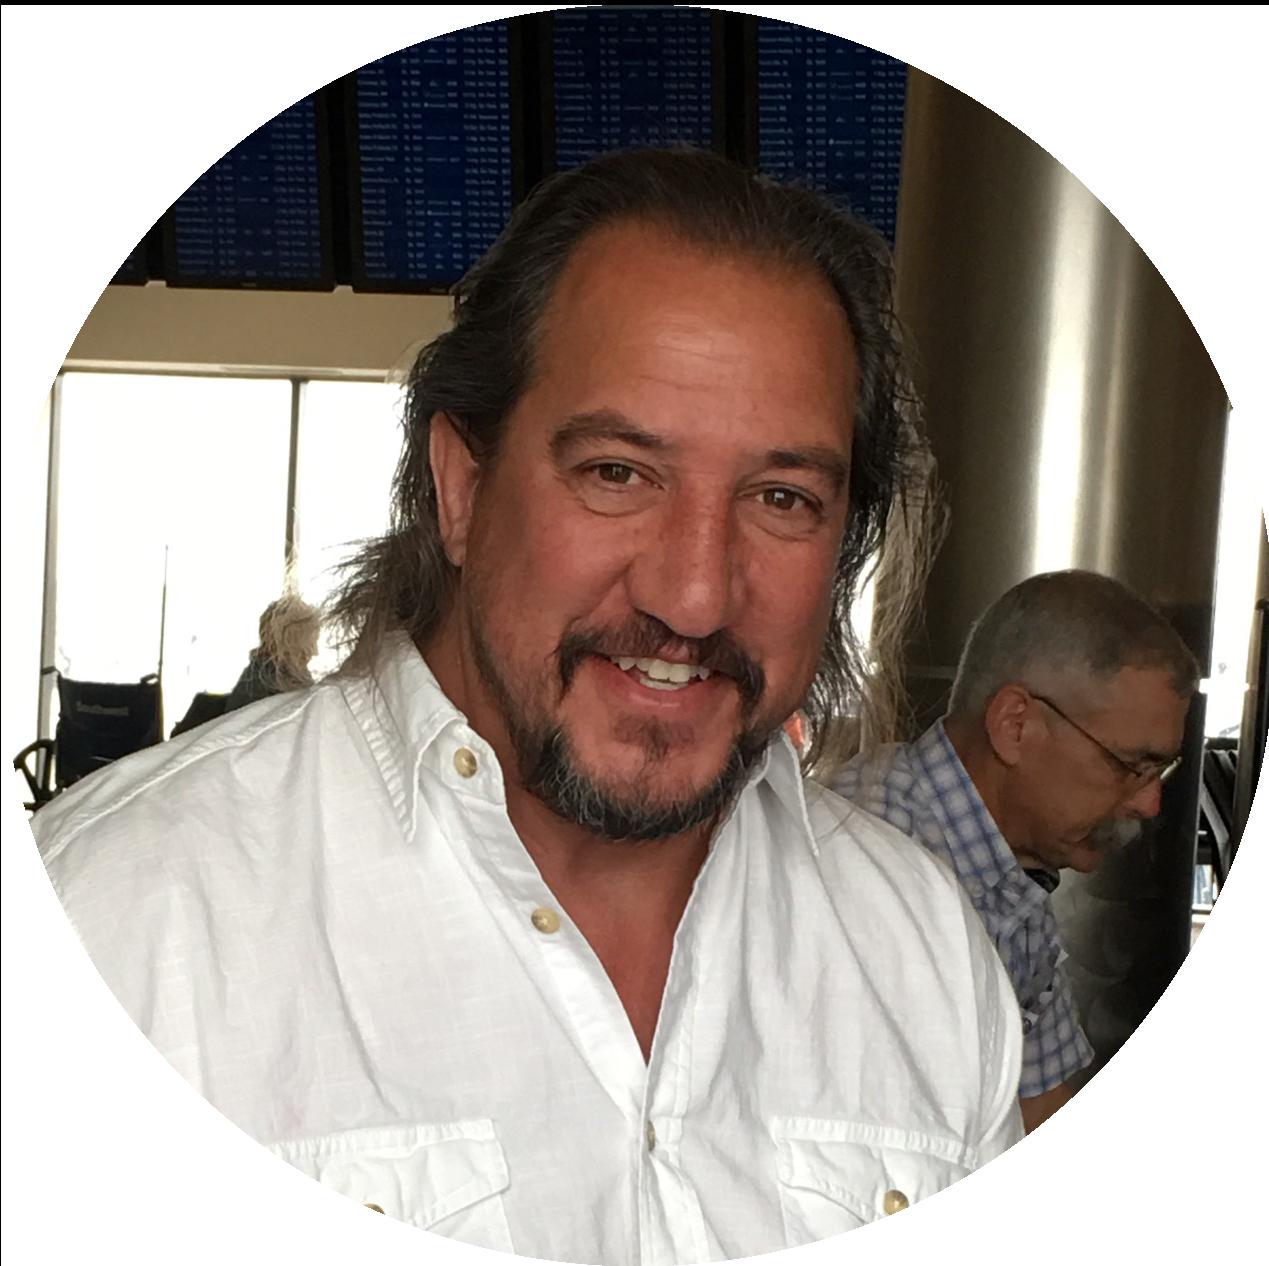 Rick Iannello